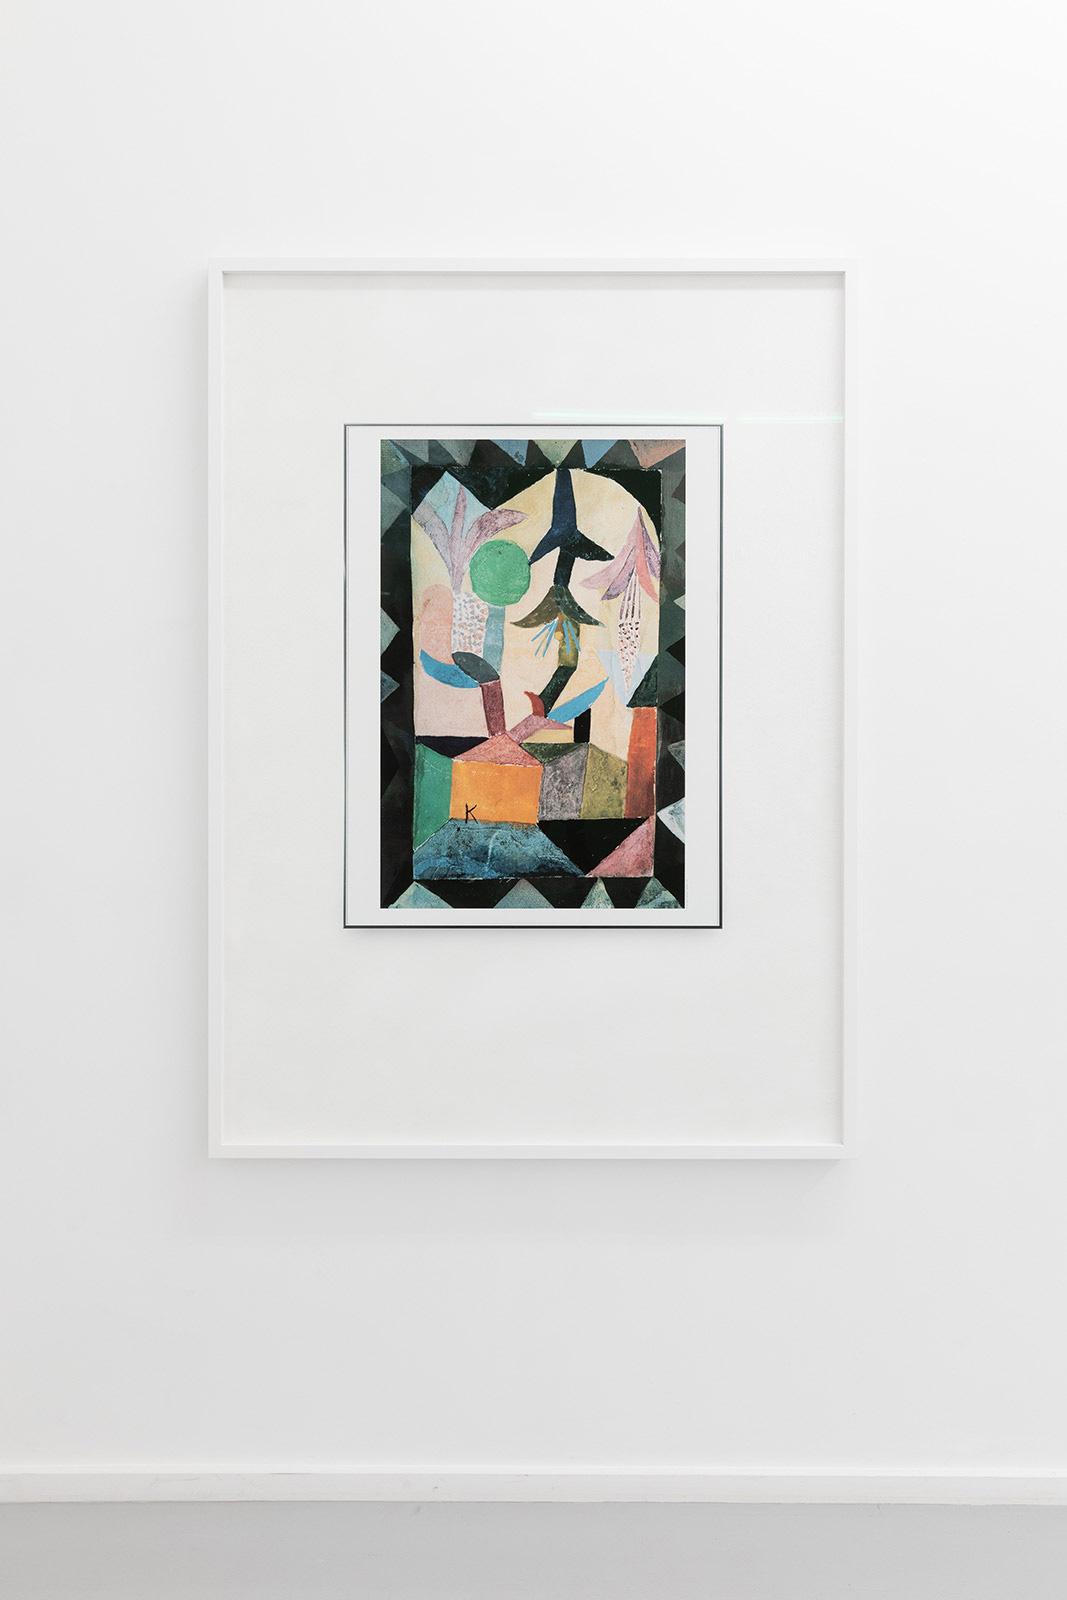 Waiting Room of a Psychologist (Paul Klee, Himmelsblüten über dem gelben Haus, 1917), 2019. Pigment print on acid free cotton paper in artist's frame, 144 x 104 x 4 cm. Ed. 5 + 1 AP